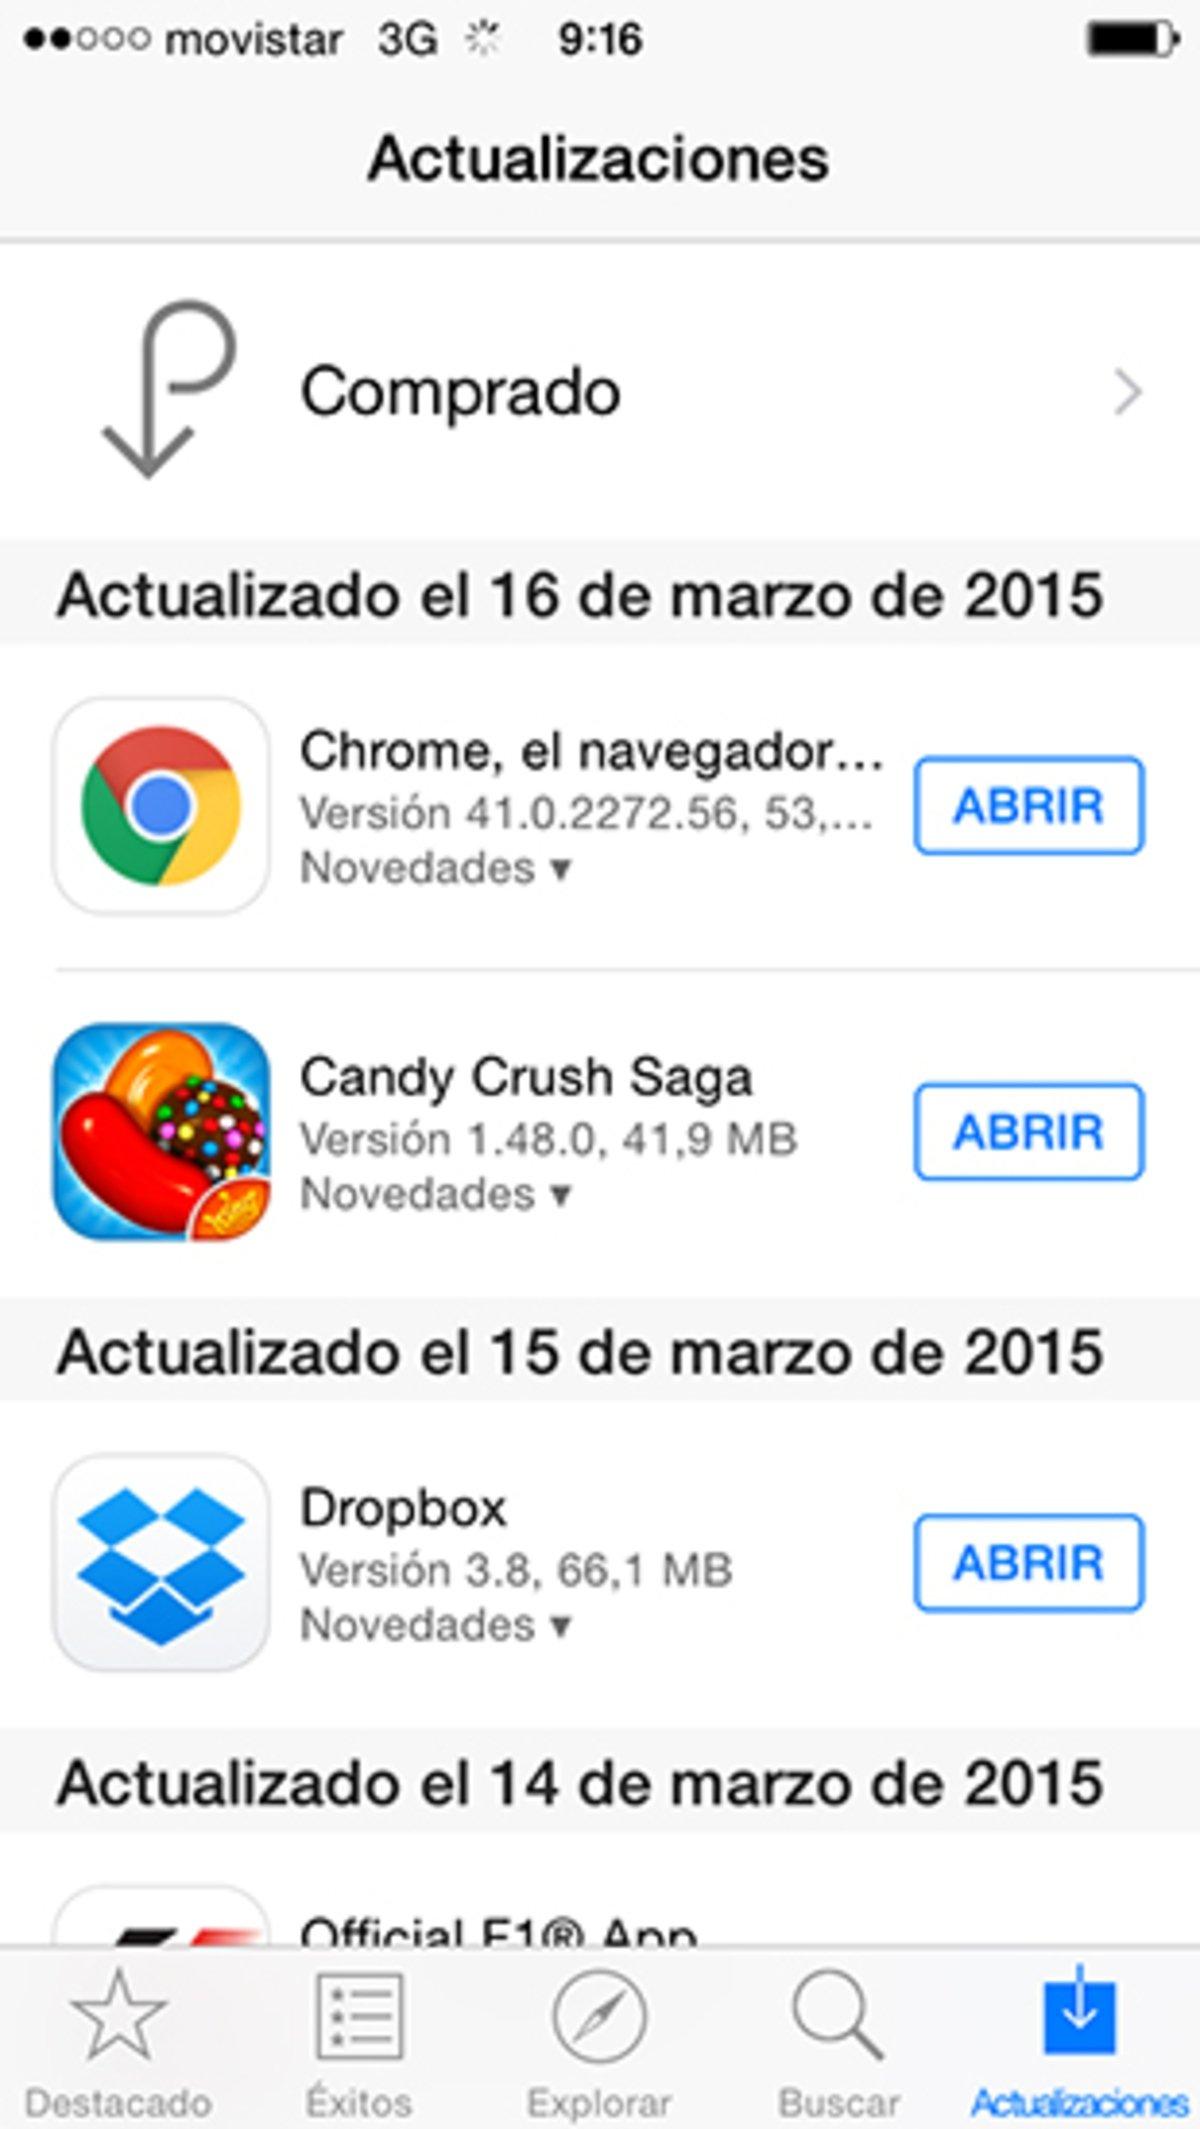 como-realizar-mejores-búsquedas-app-store-3